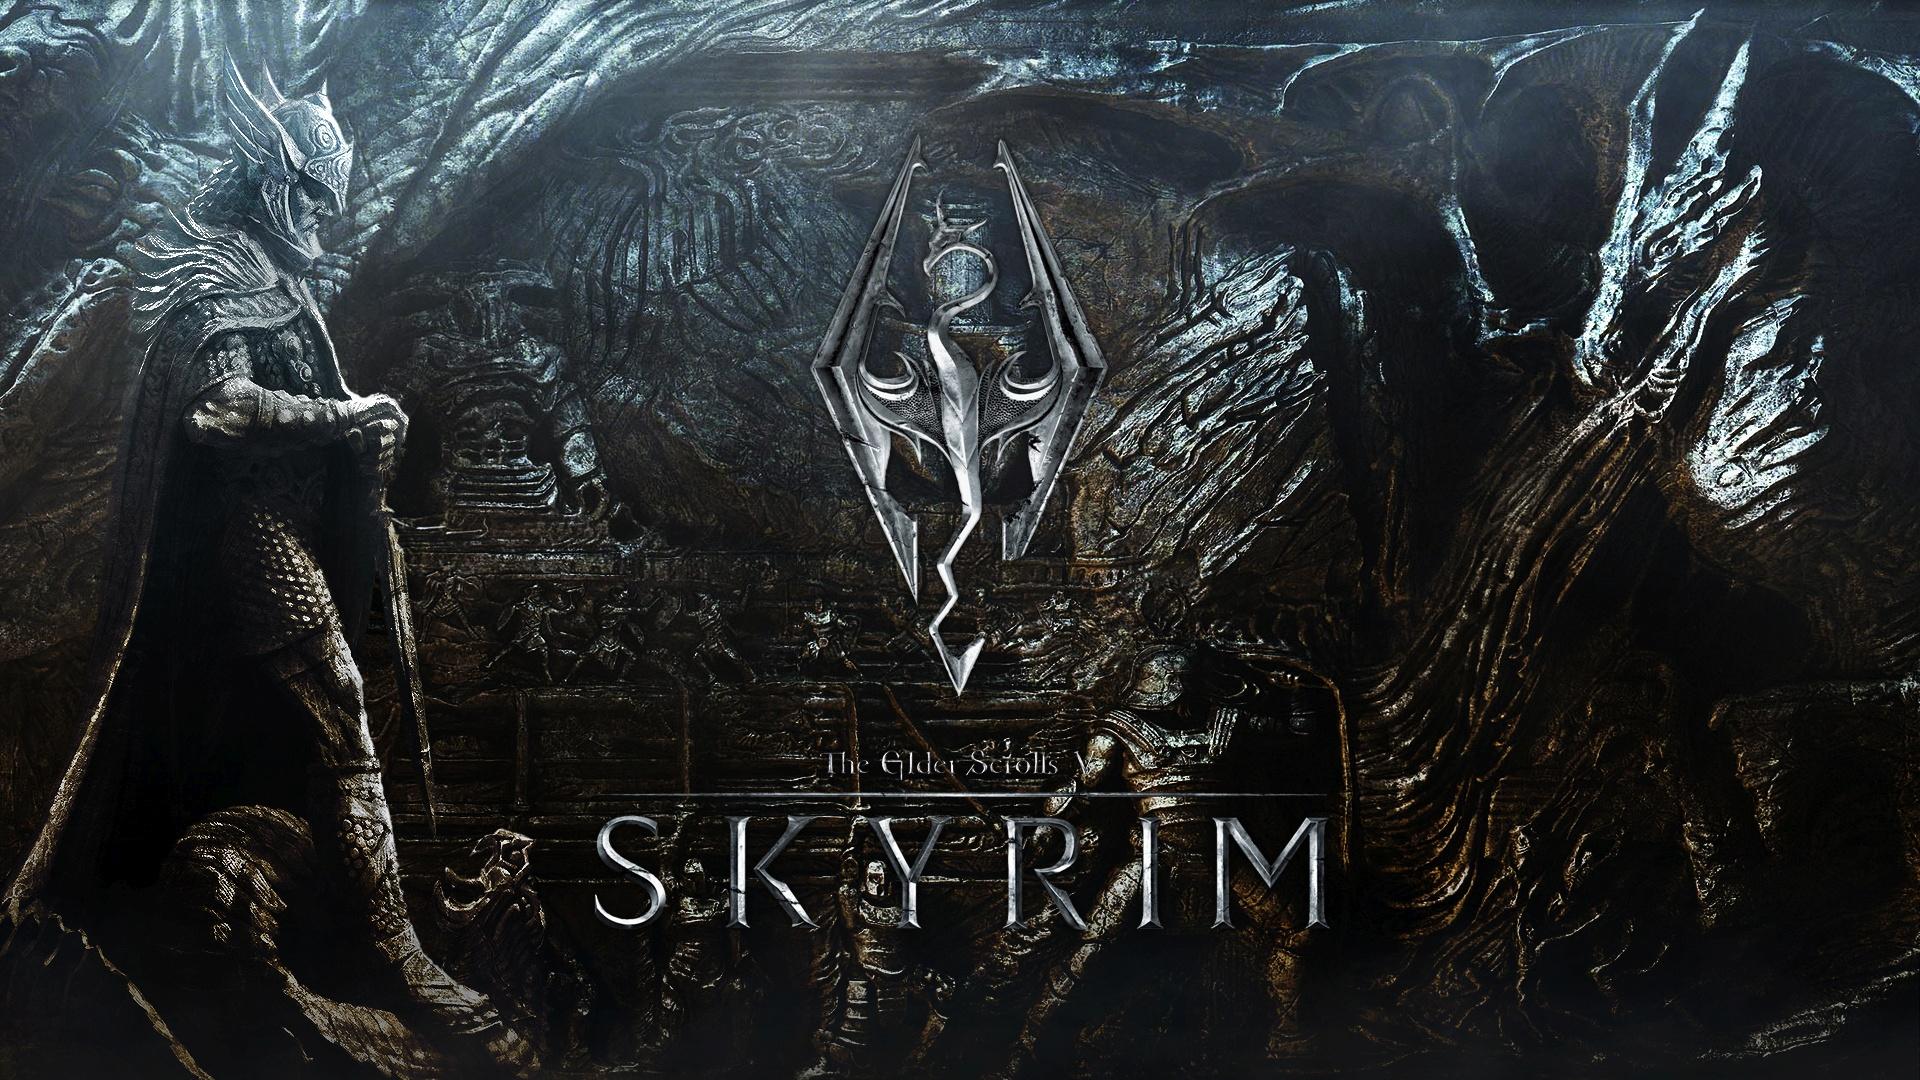 Skyrim best background